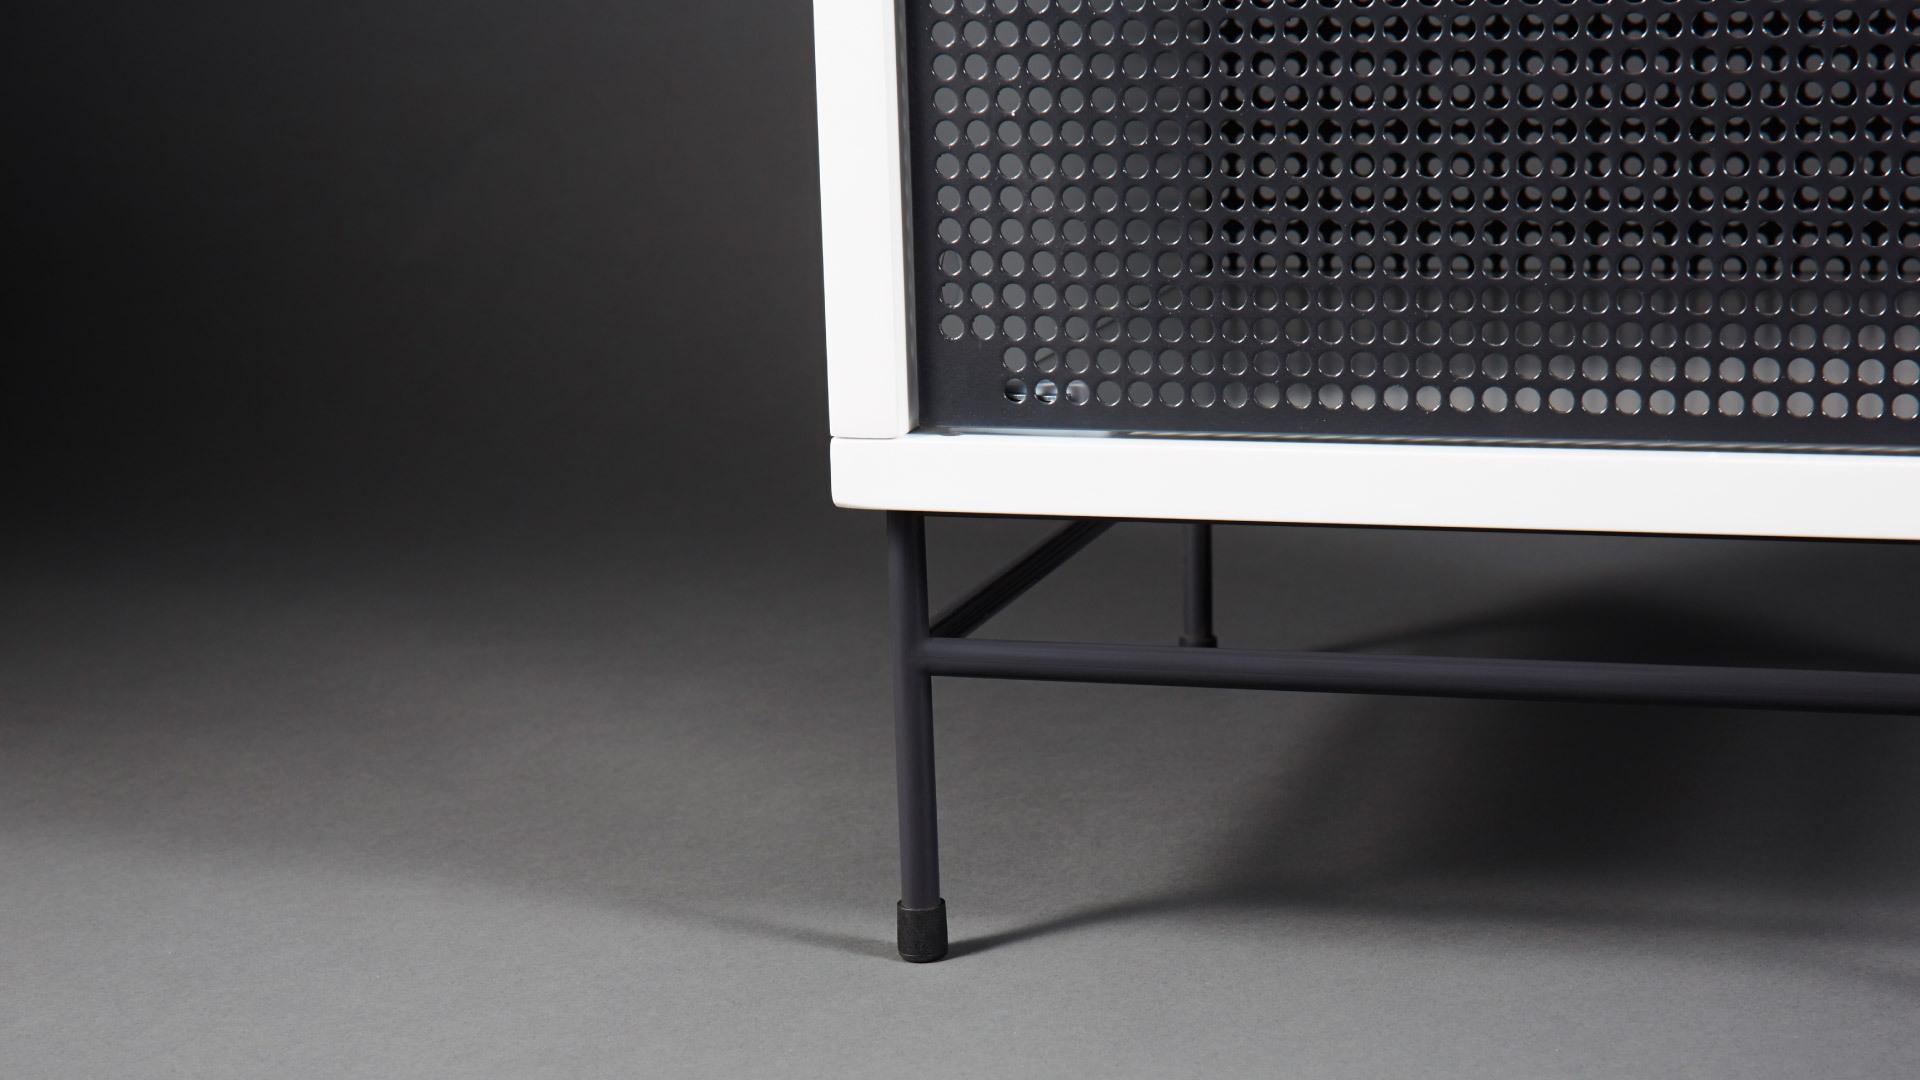 超薄门板+柔和光泽<br/>肉眼能接受的最优雅亮度